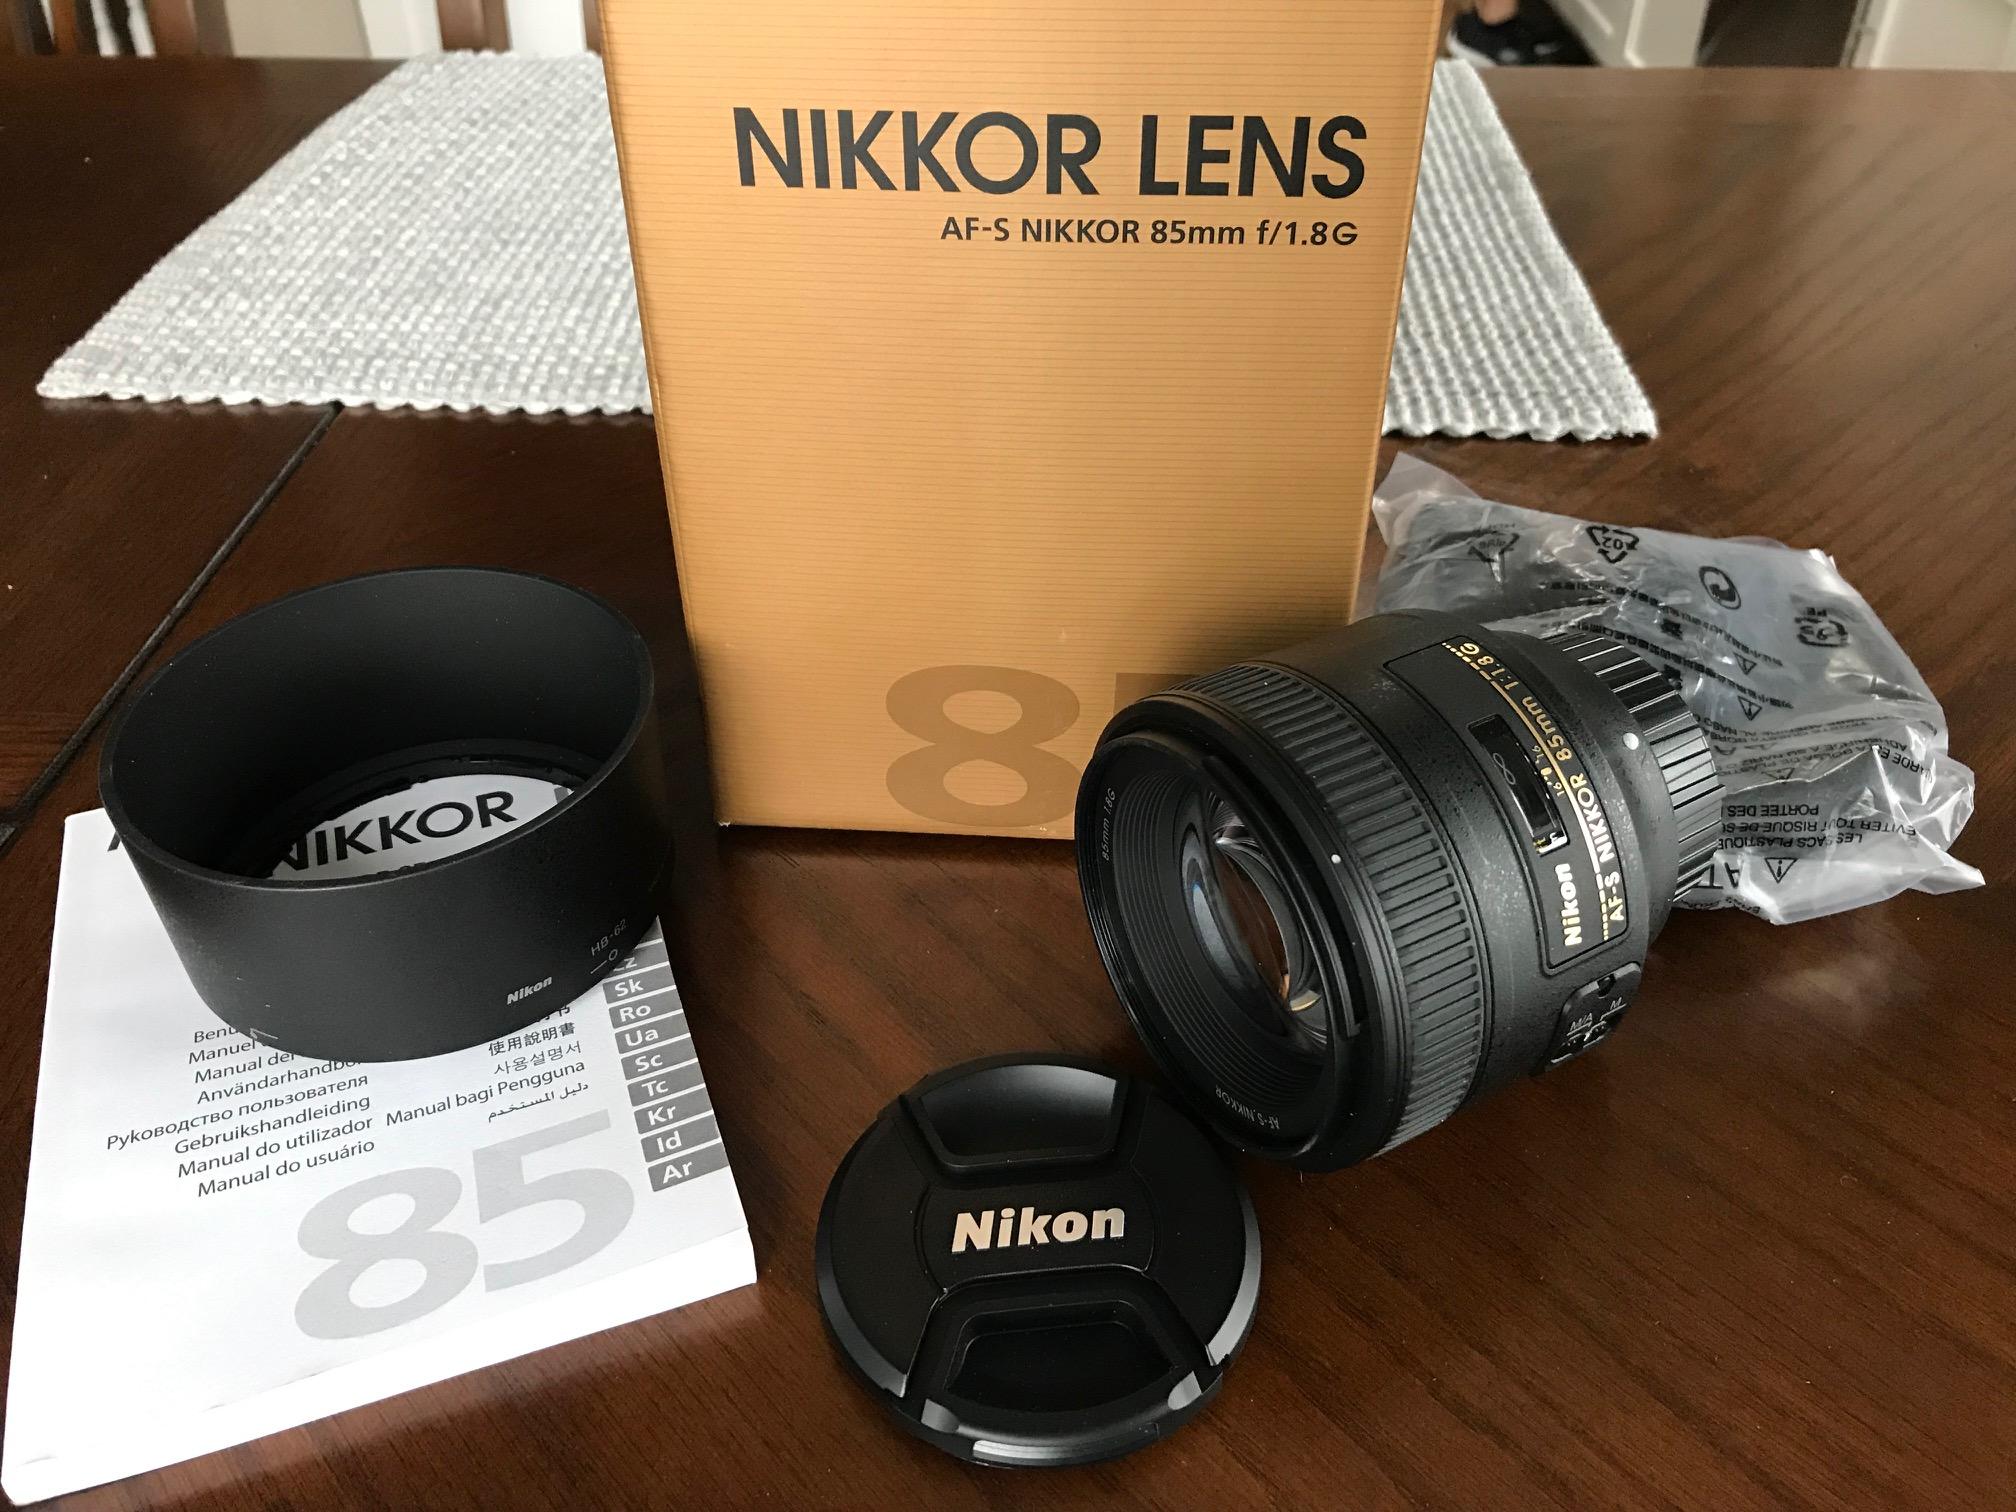 Sold: Nikon Sell Off!! Great Deals! D750 w/MB-D16, D610, 24